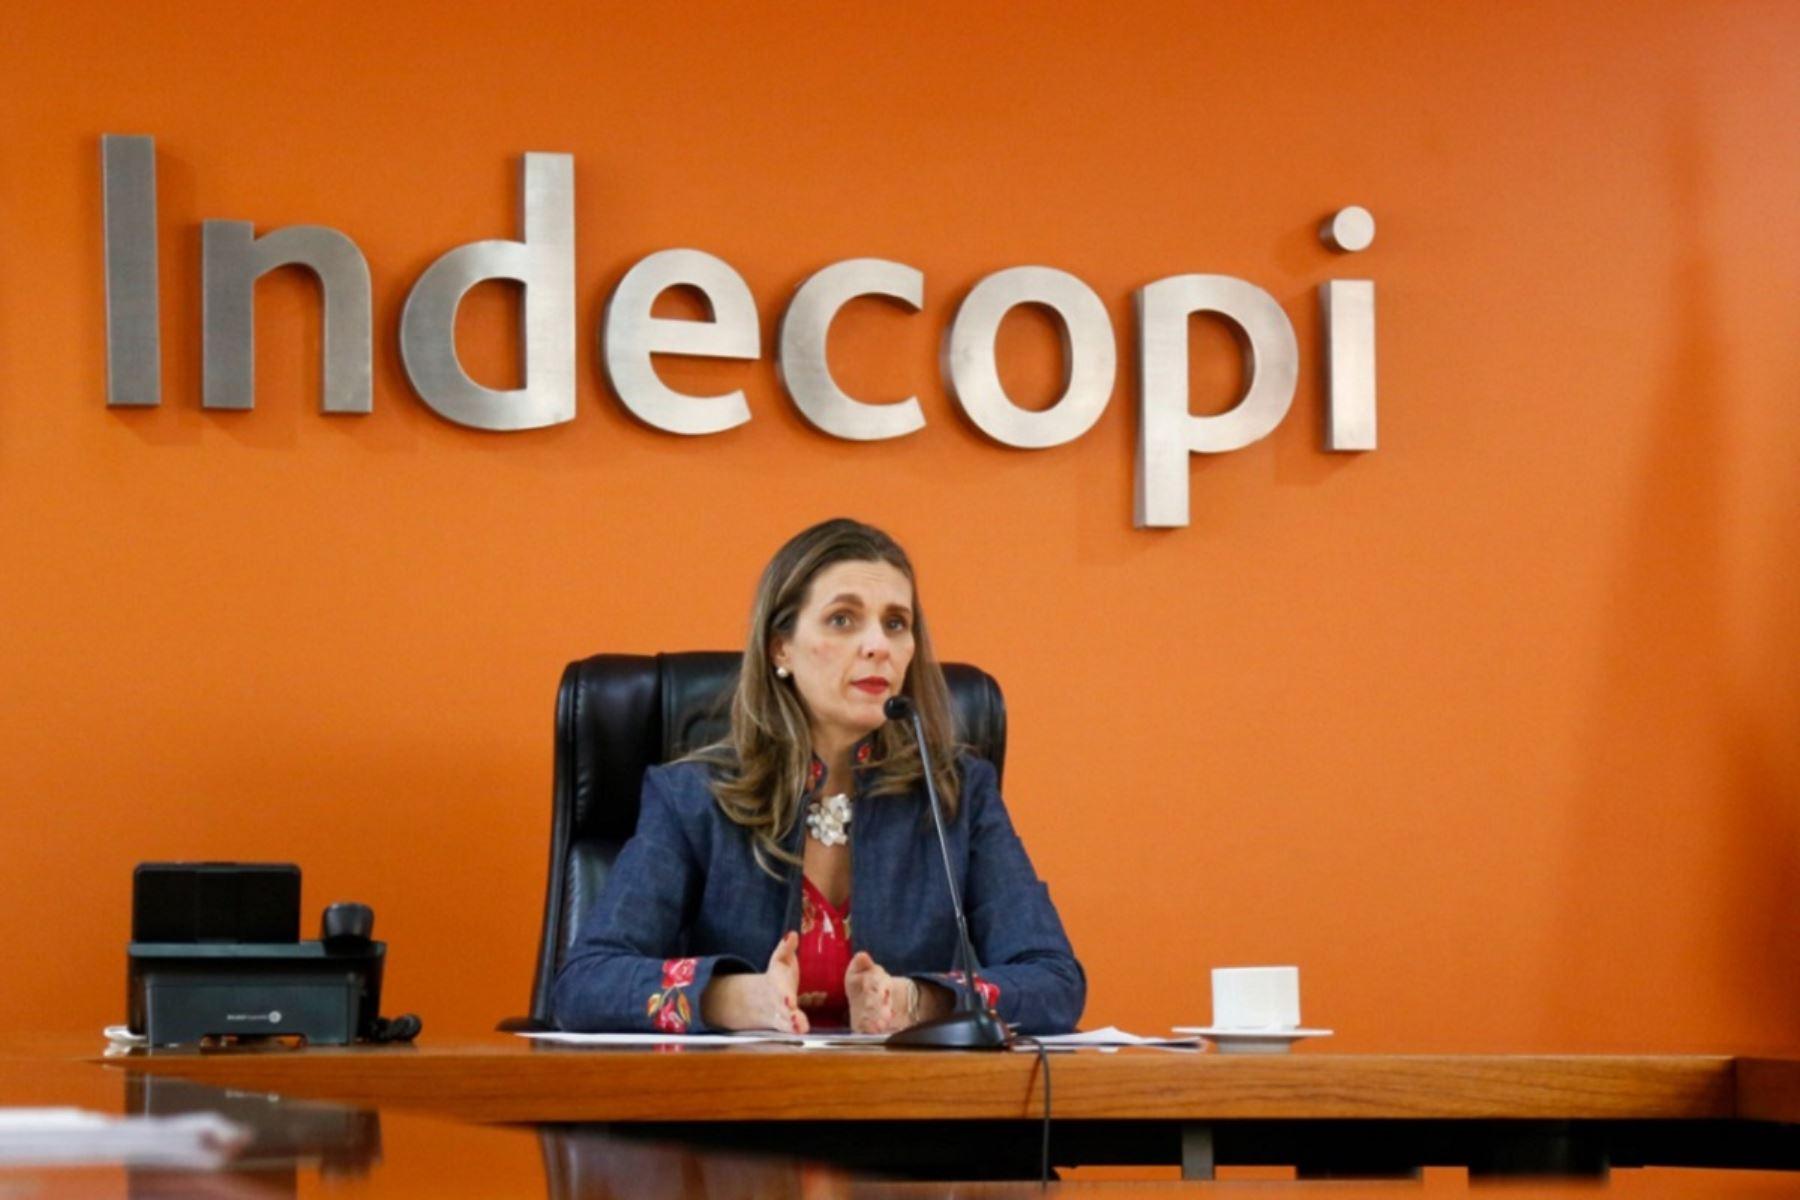 Presidenta del Consejo Directivo del Indecopi, Hania Pérez de Cuéllar. Cortesía.